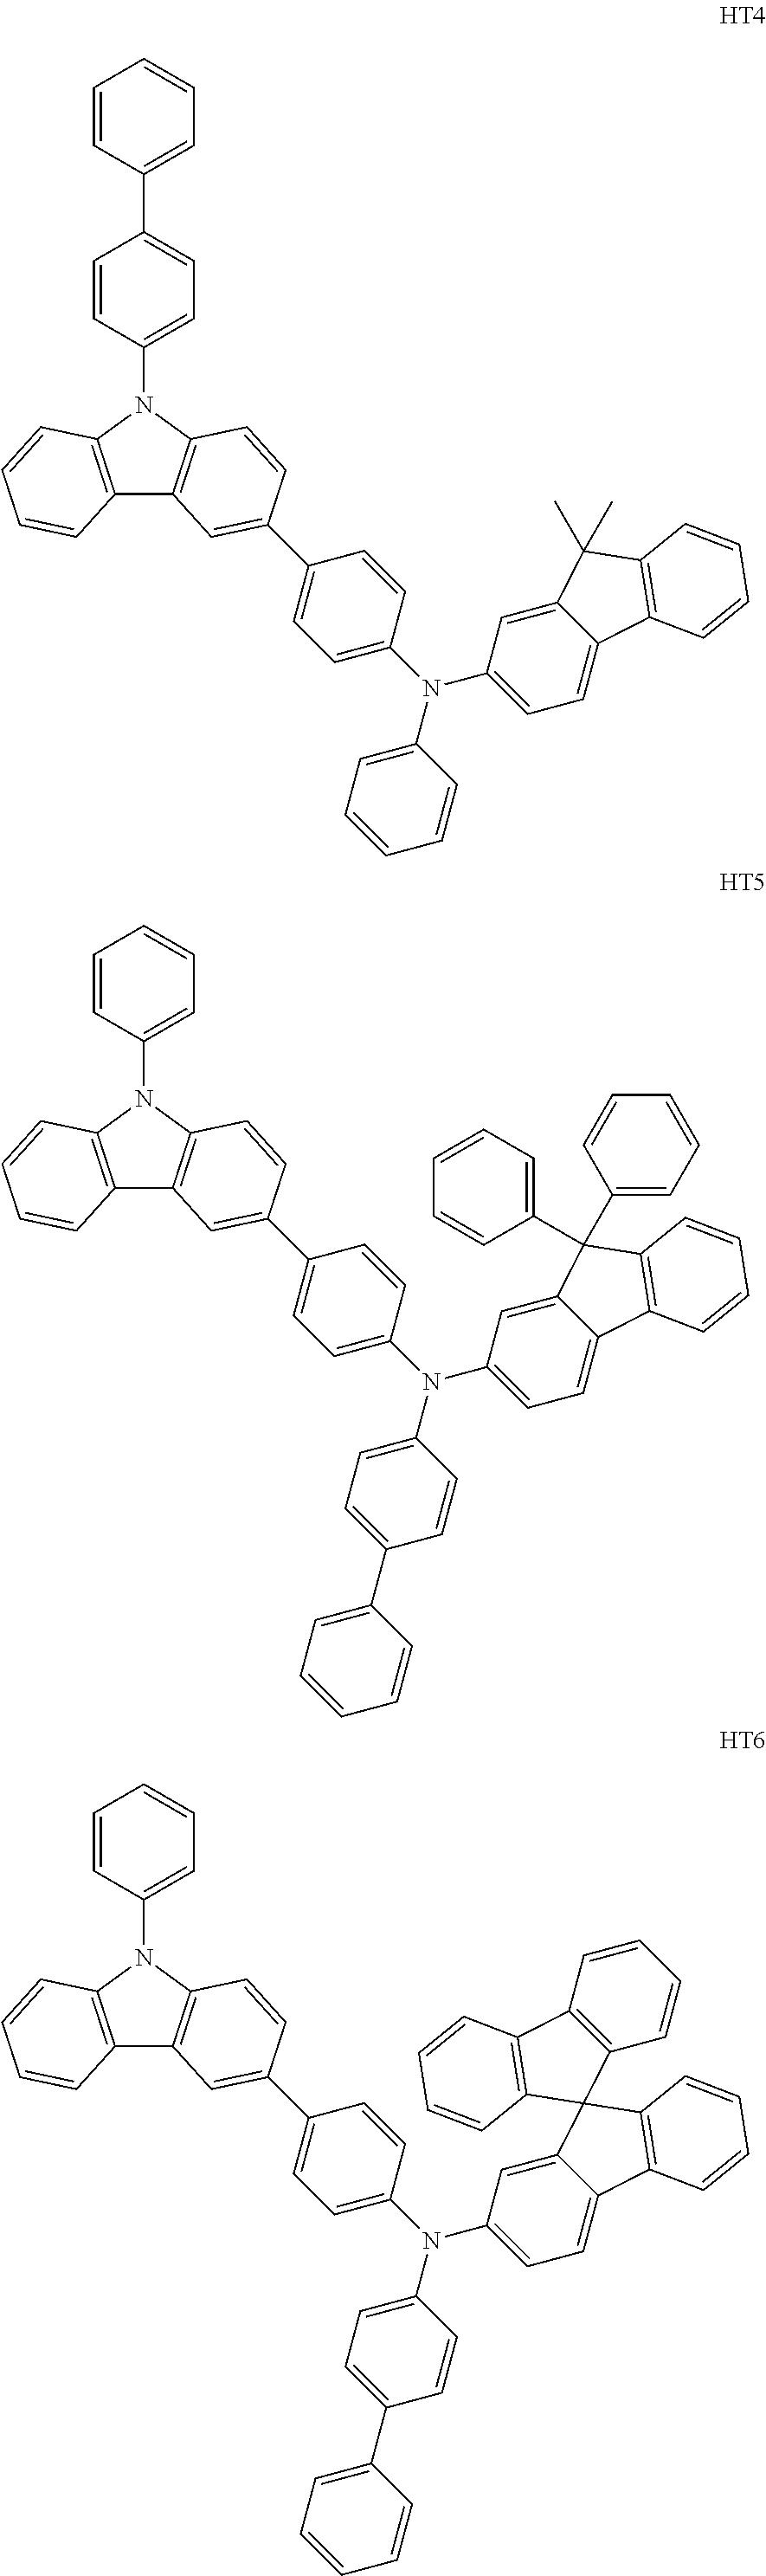 Figure US20160155962A1-20160602-C00221